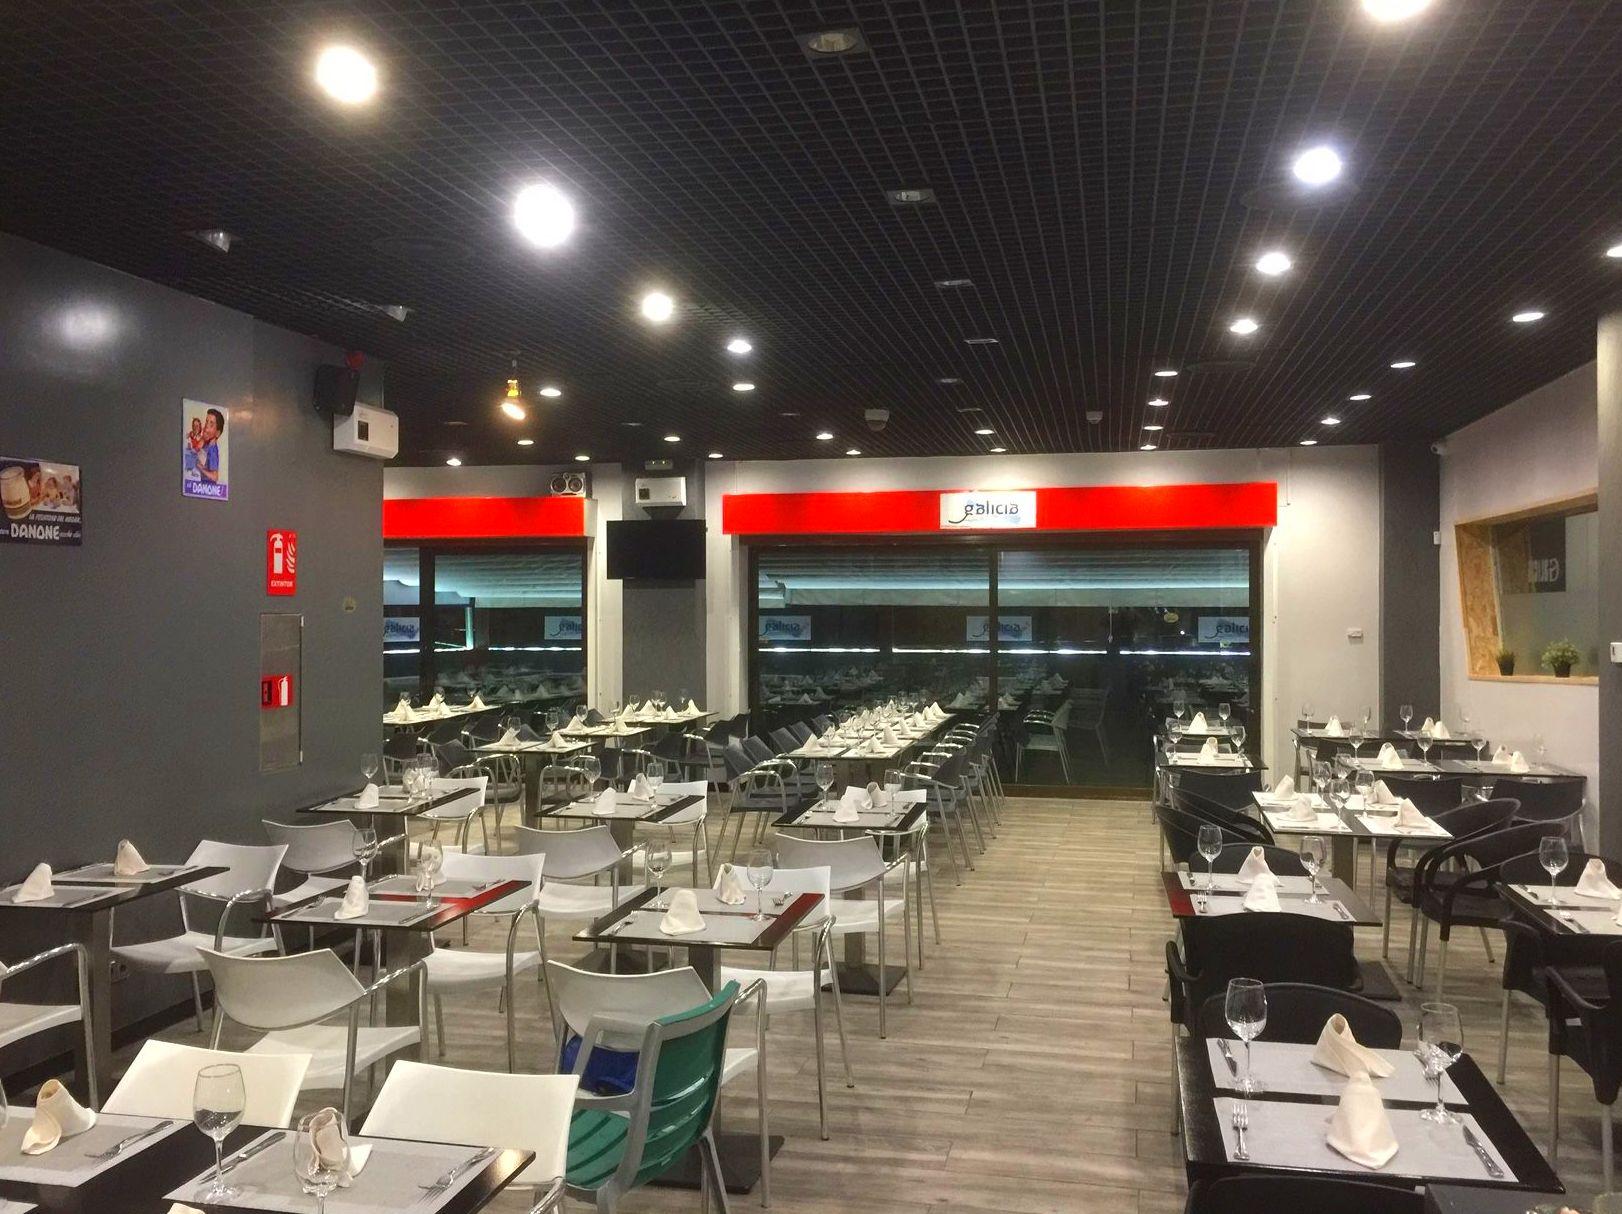 Foto 4 de Restaurante en Madrid | Restaurante Galicia Las Tablas